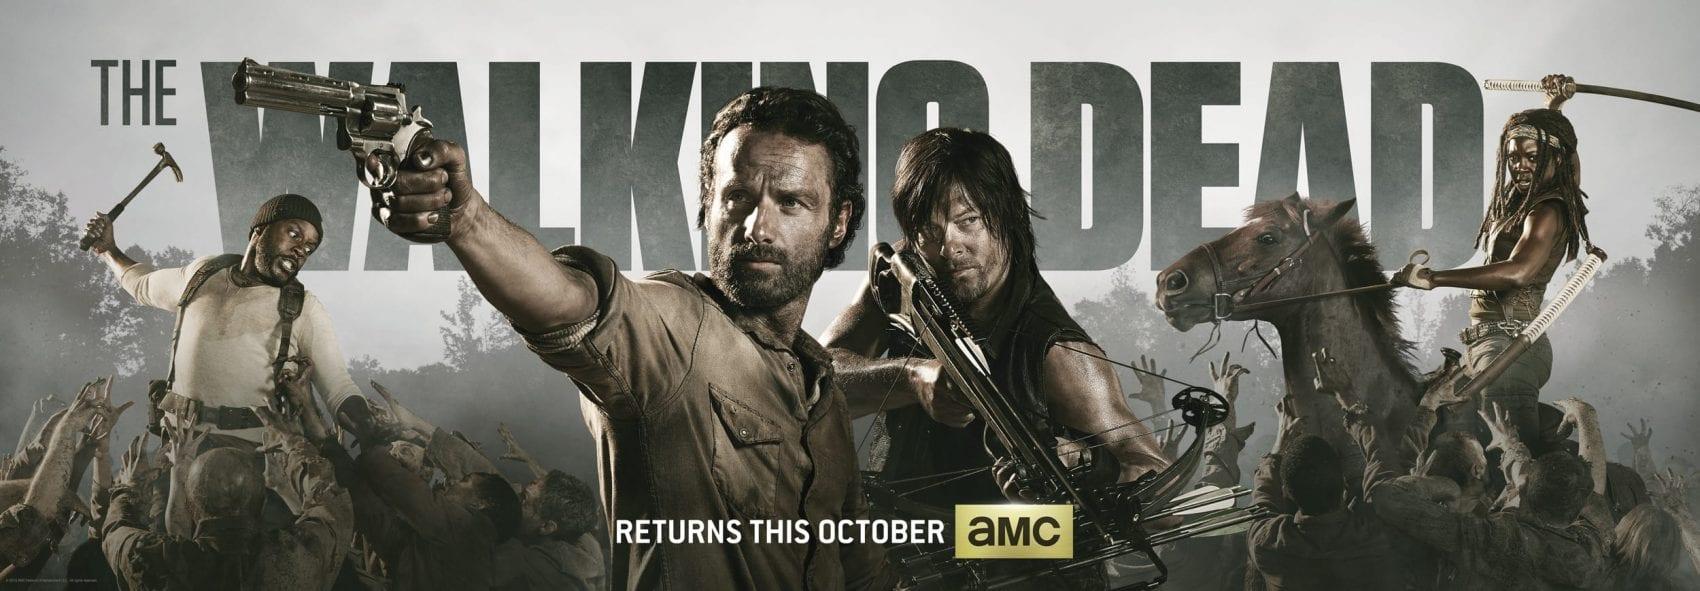 TRAILER – The Walking Dead